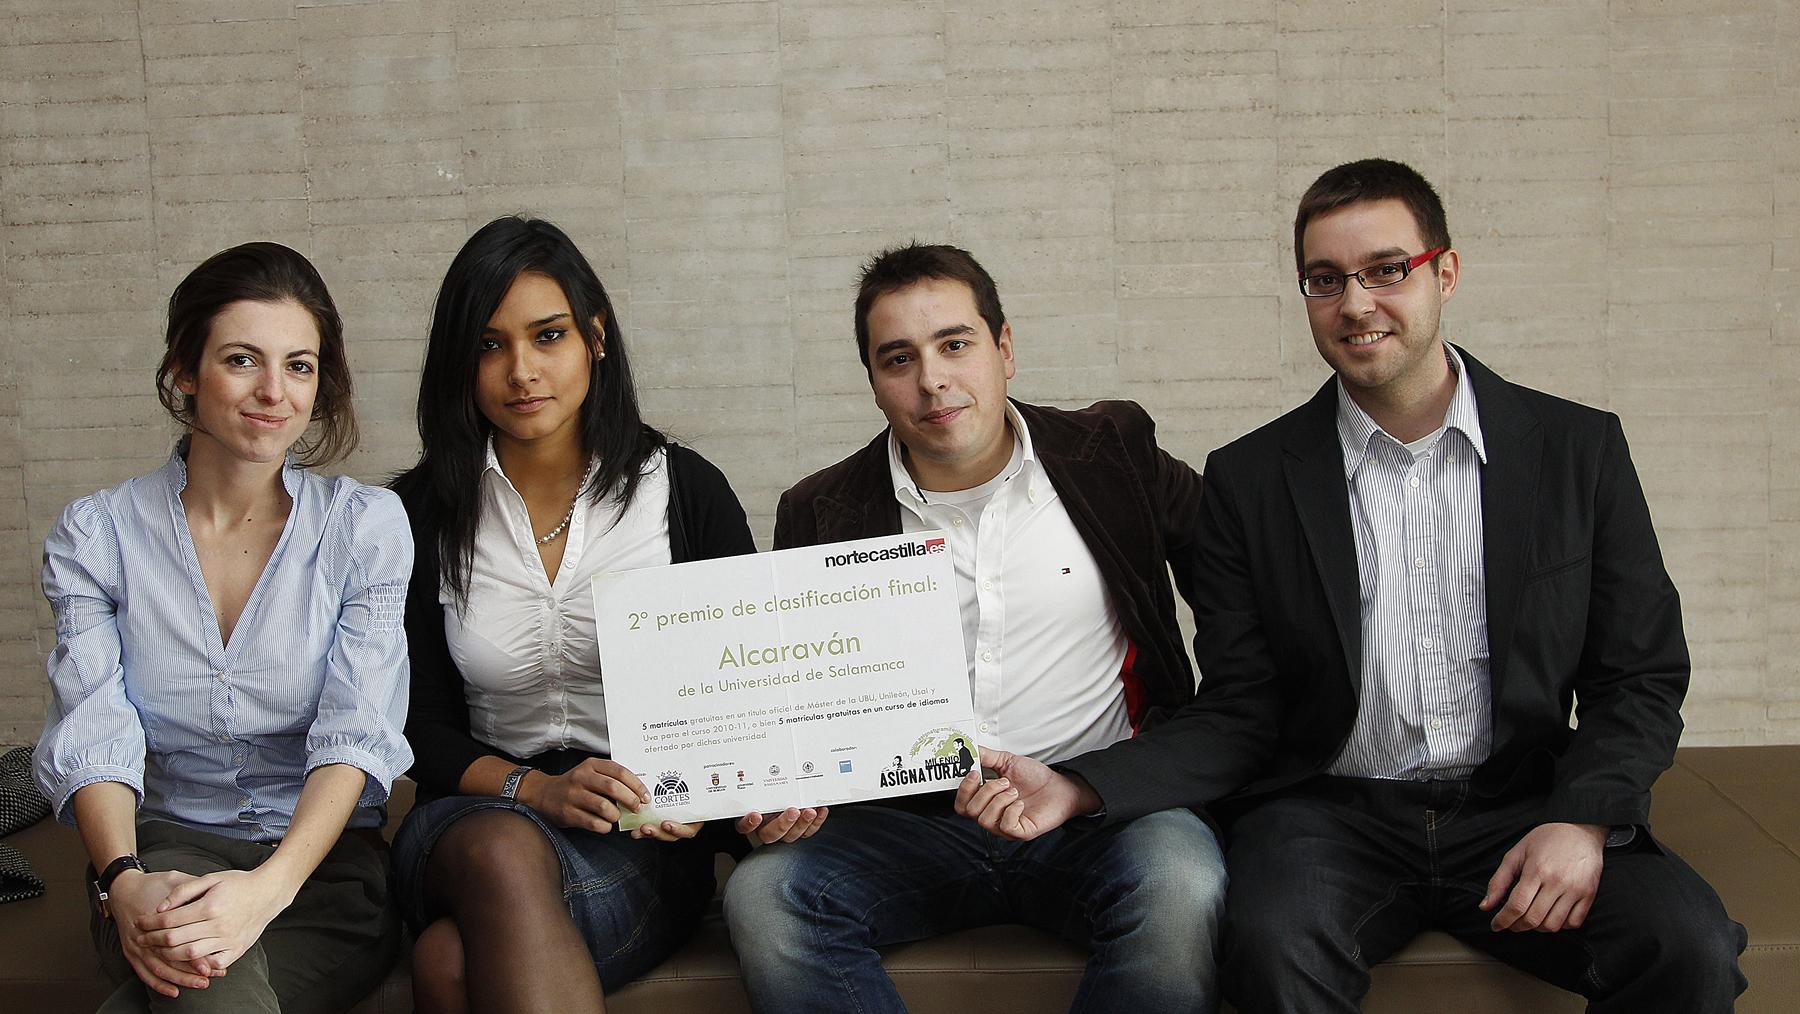 El equipo de la Universidad de Salamanca que obtuvo el segundo premio en la Asignatura Milenio